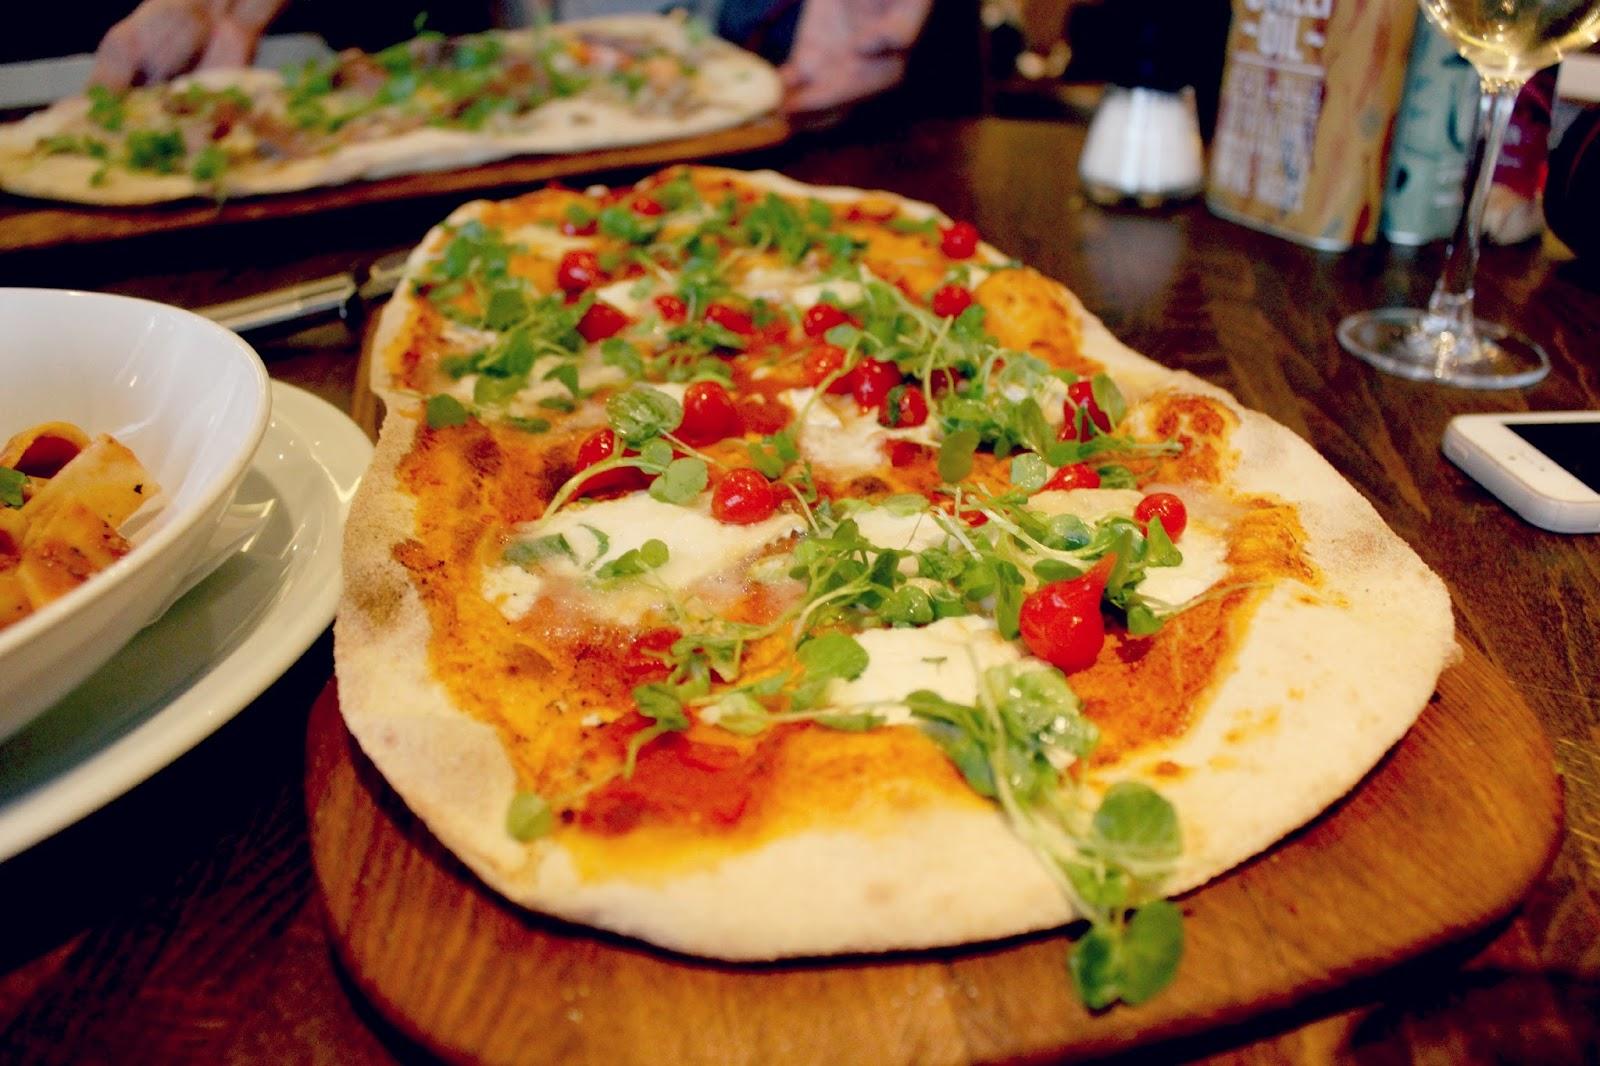 Zizzi Vegetarian Pizza